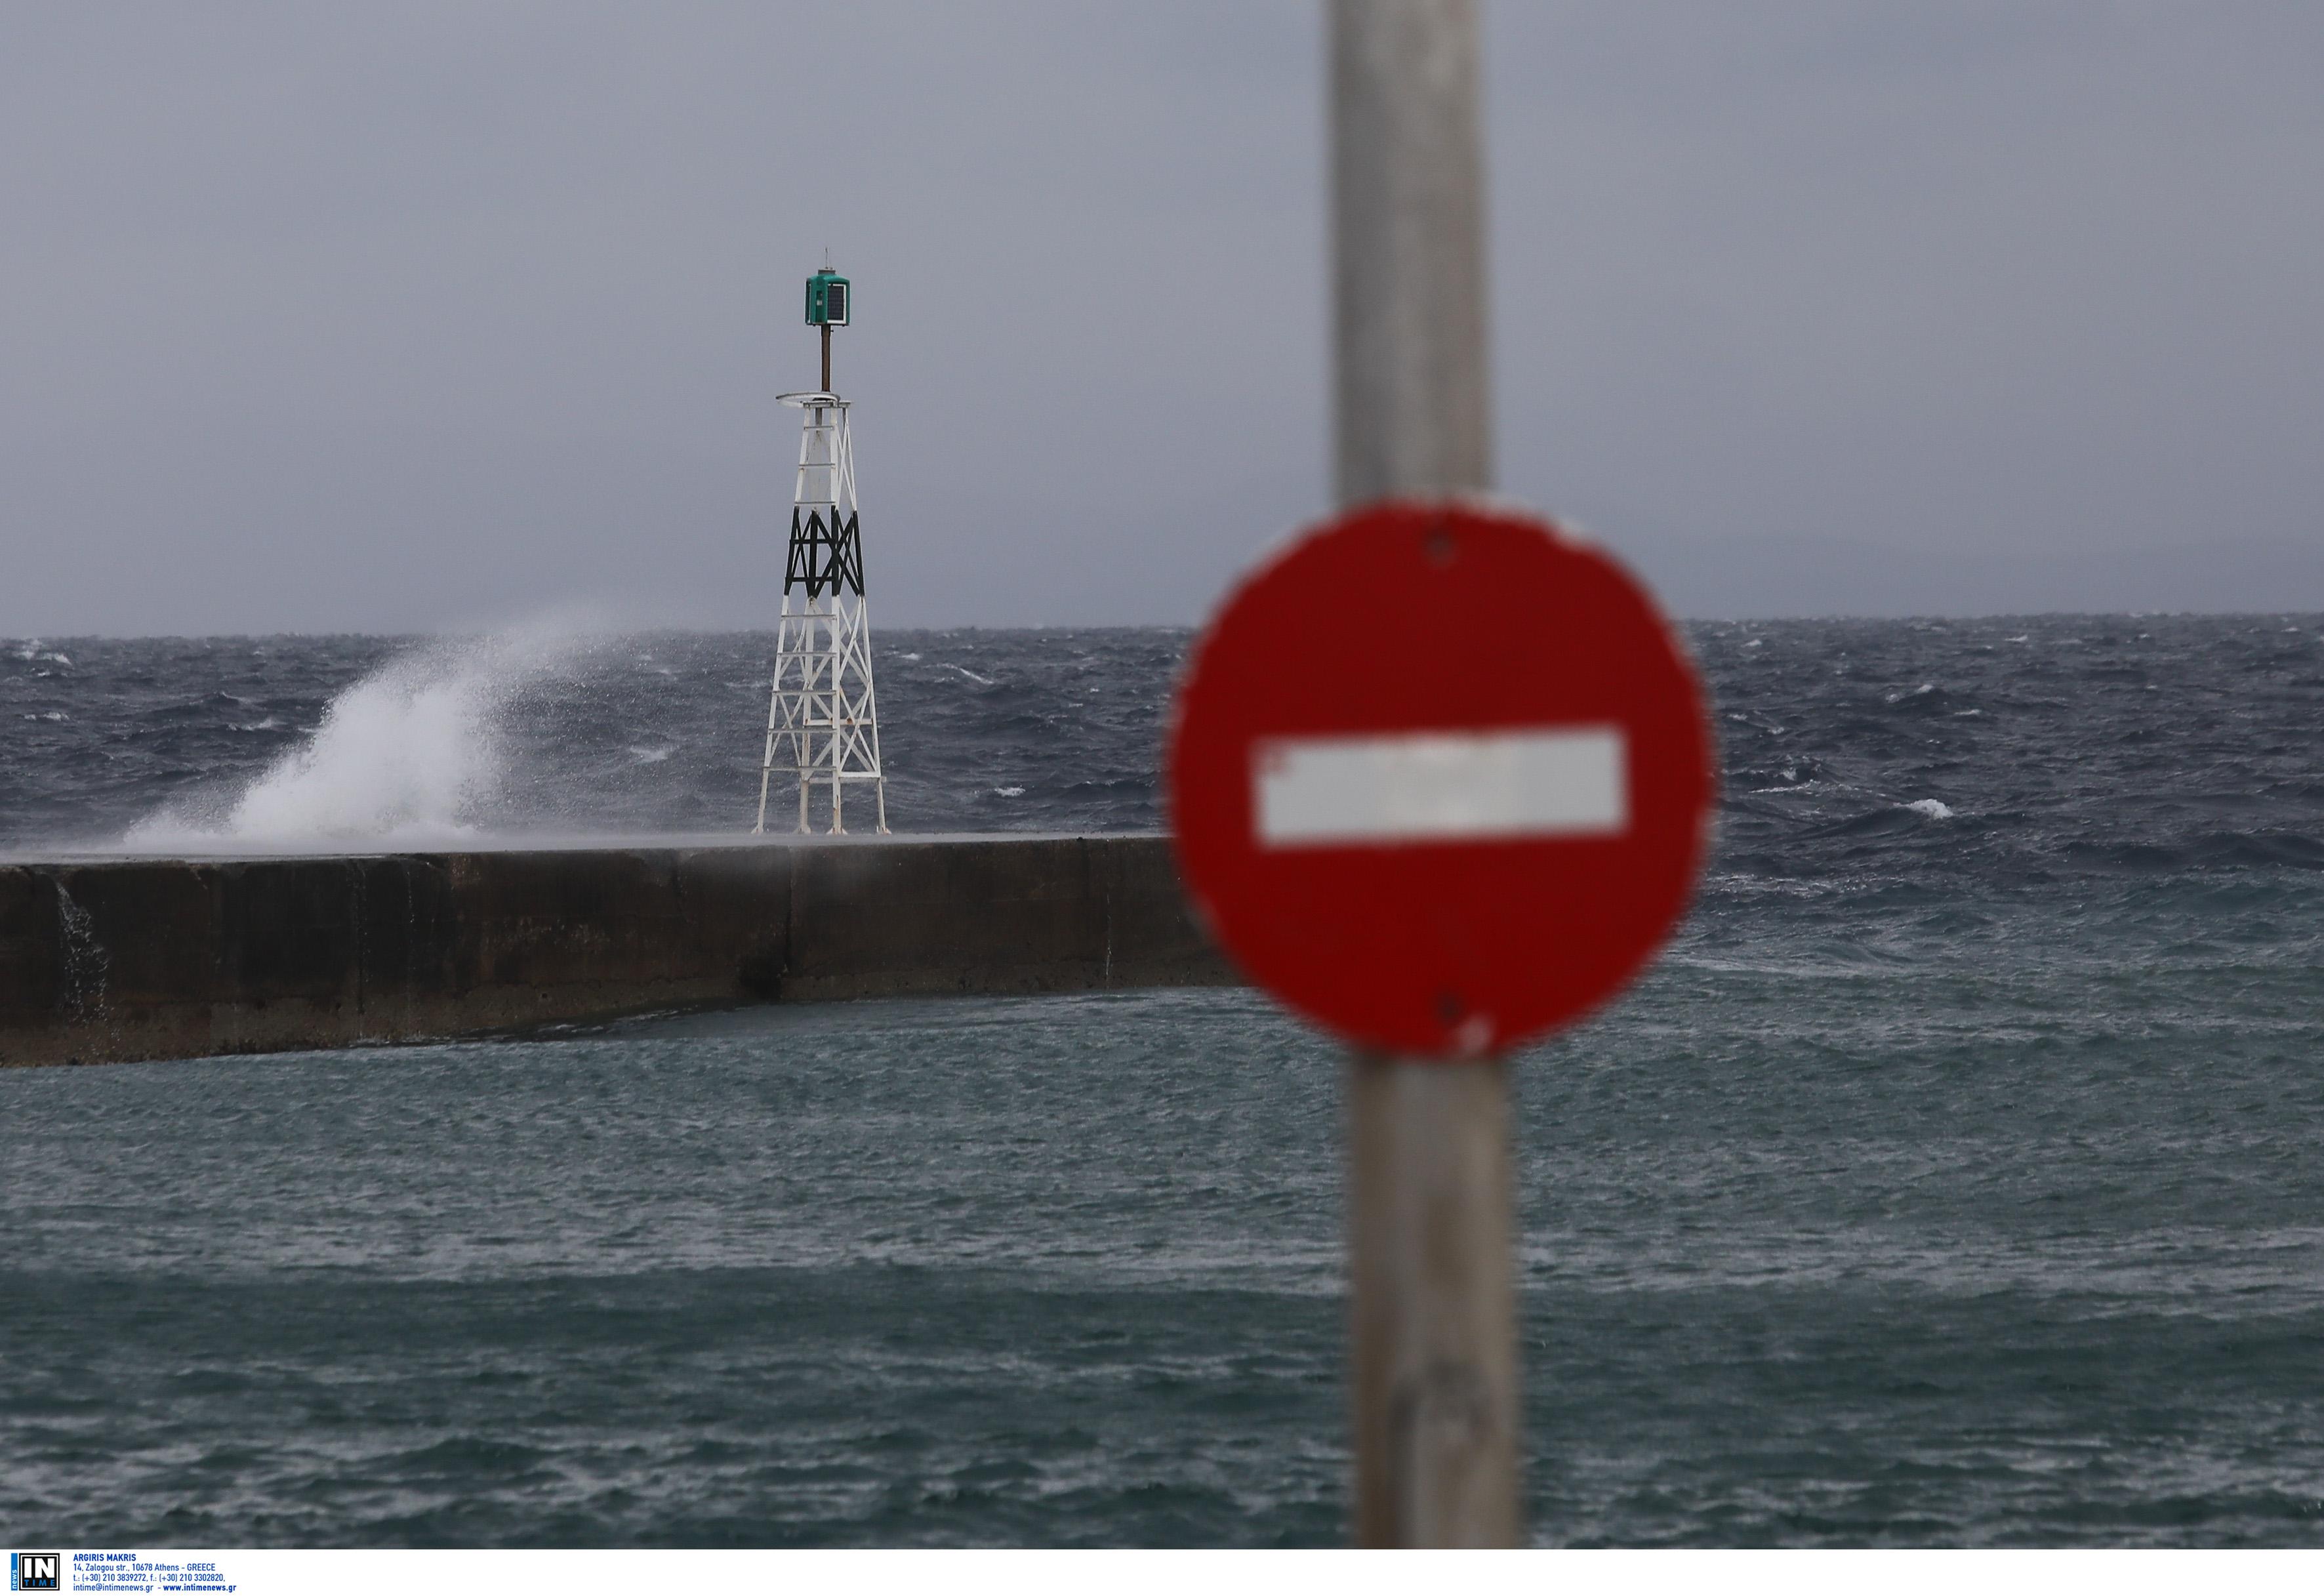 Από τις ξαπλώστρες και τις παραλίες στα... αδιάβροχα! Ολική μεταστροφή του καιρού το Σάββατο! Ποιες περιοχές θα επηρεάσει